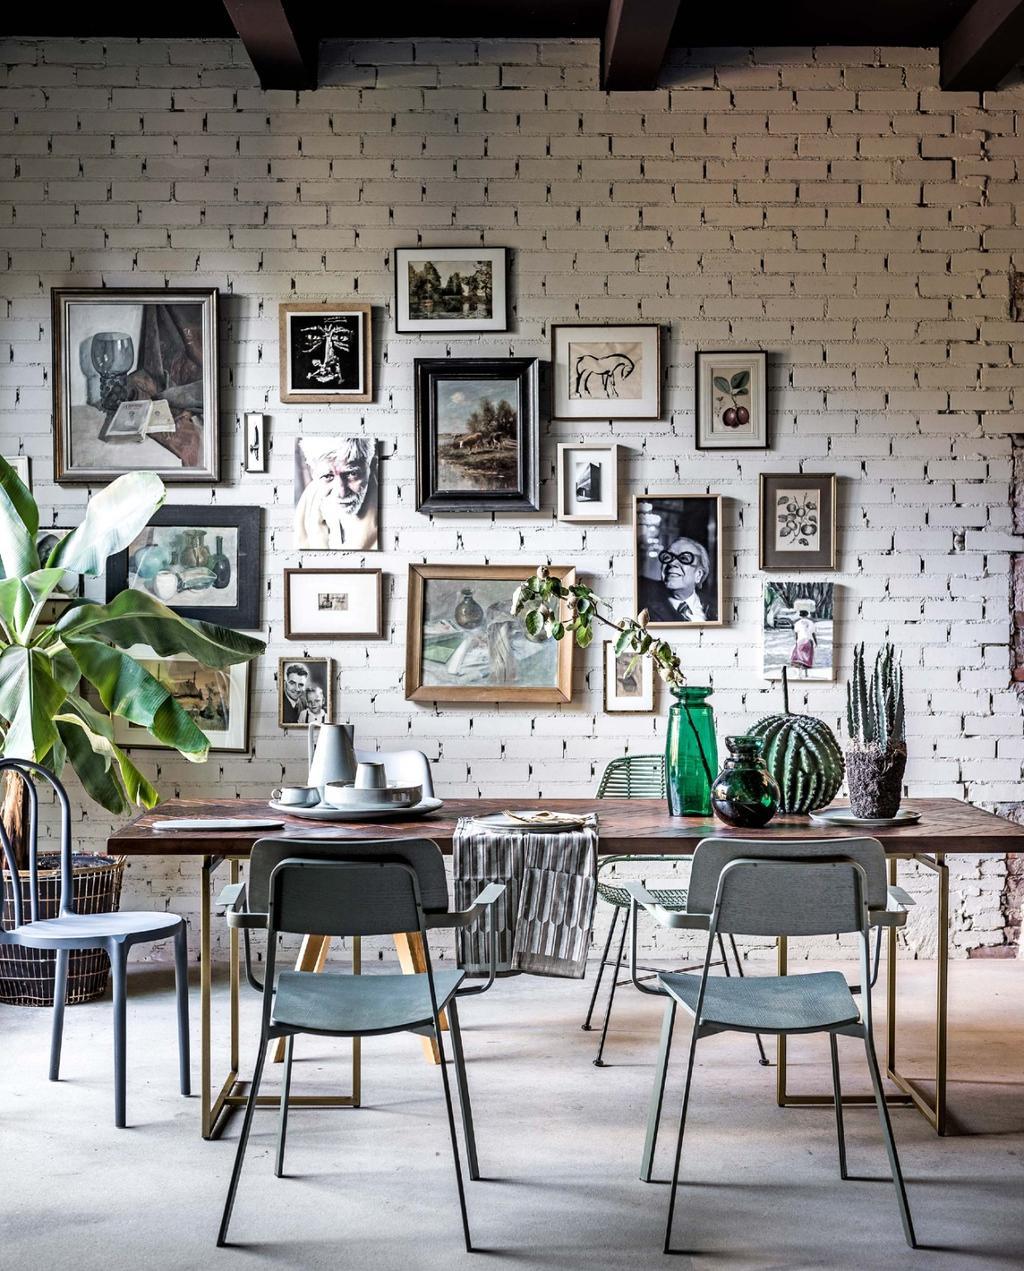 Gallery wall | lijsten op de muur | vintage